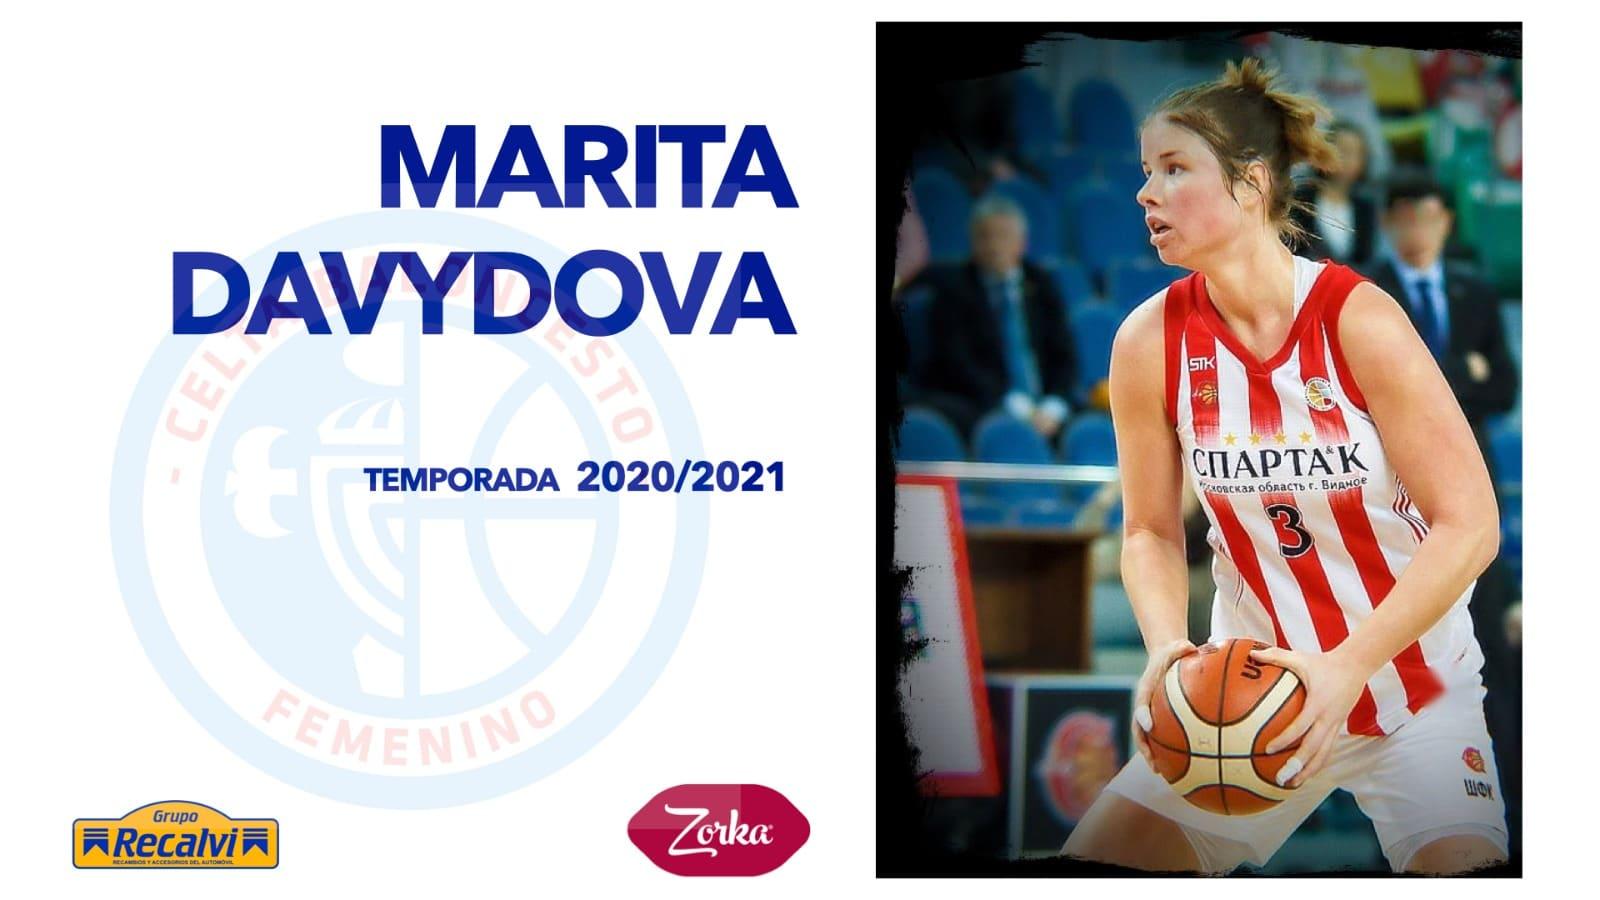 Marita Davydova, xogadora do Celta Zorka Recalvi